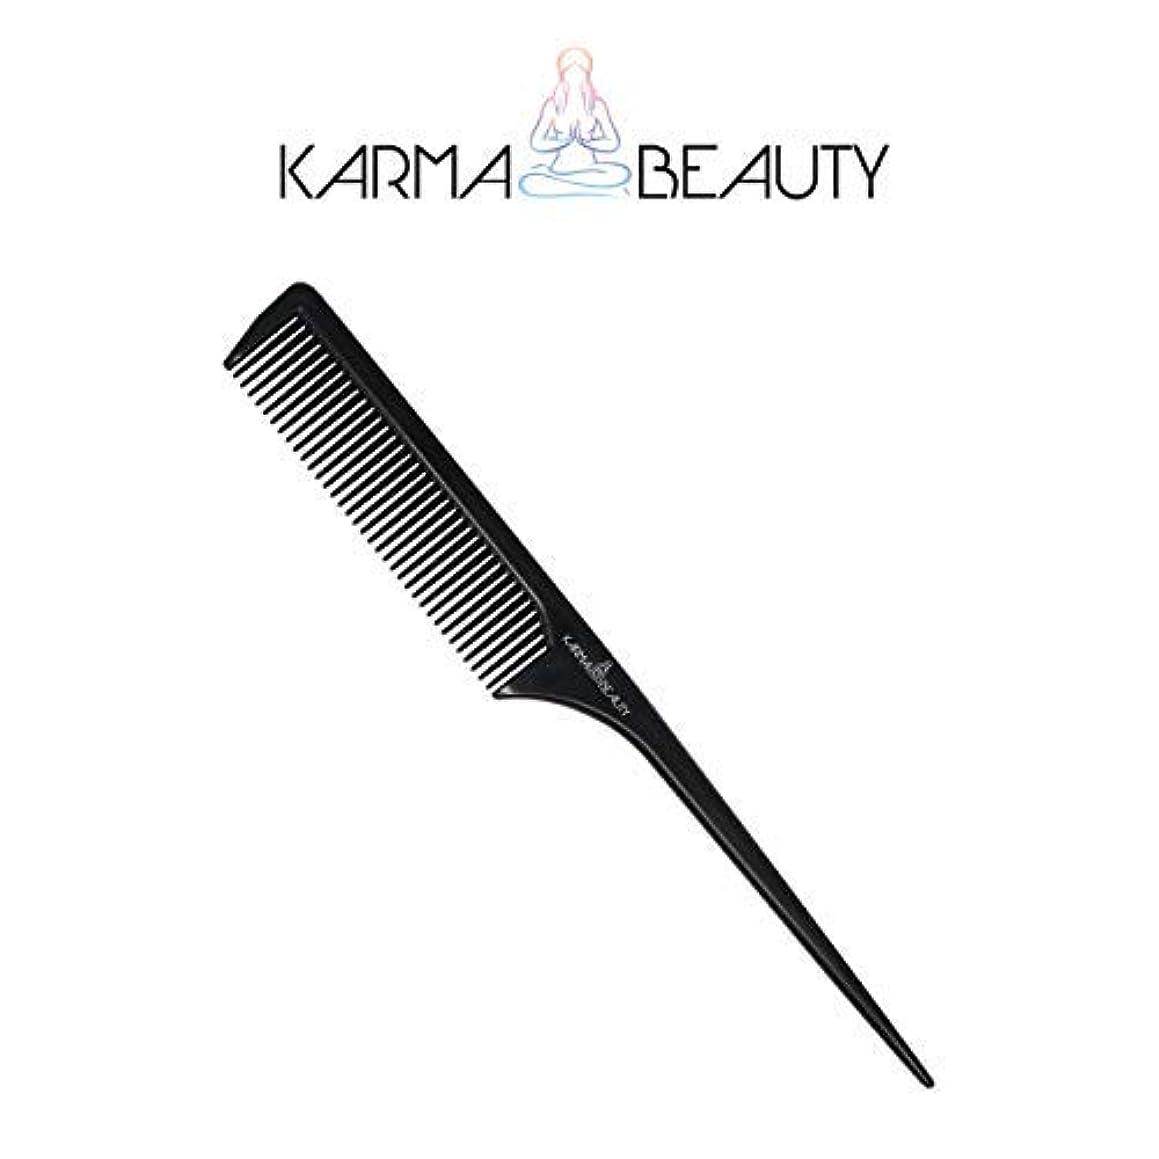 ドラッグゼロミトンTail Comb | Fine Tooth Hair Comb | Thin and Long Handle | Teasing Comb | For All Hair Type | Karma Beauty | (Black...